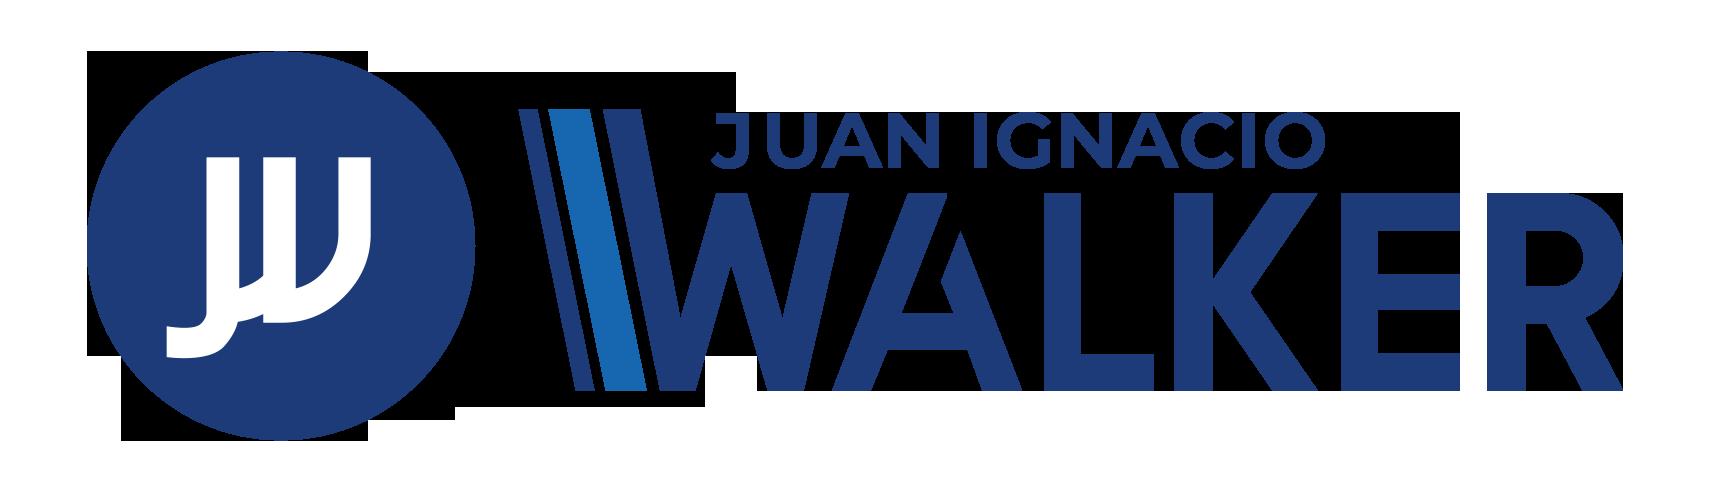 Automotriz Juan Ignacio Walker-Automotriz Juan Ignacio Walker